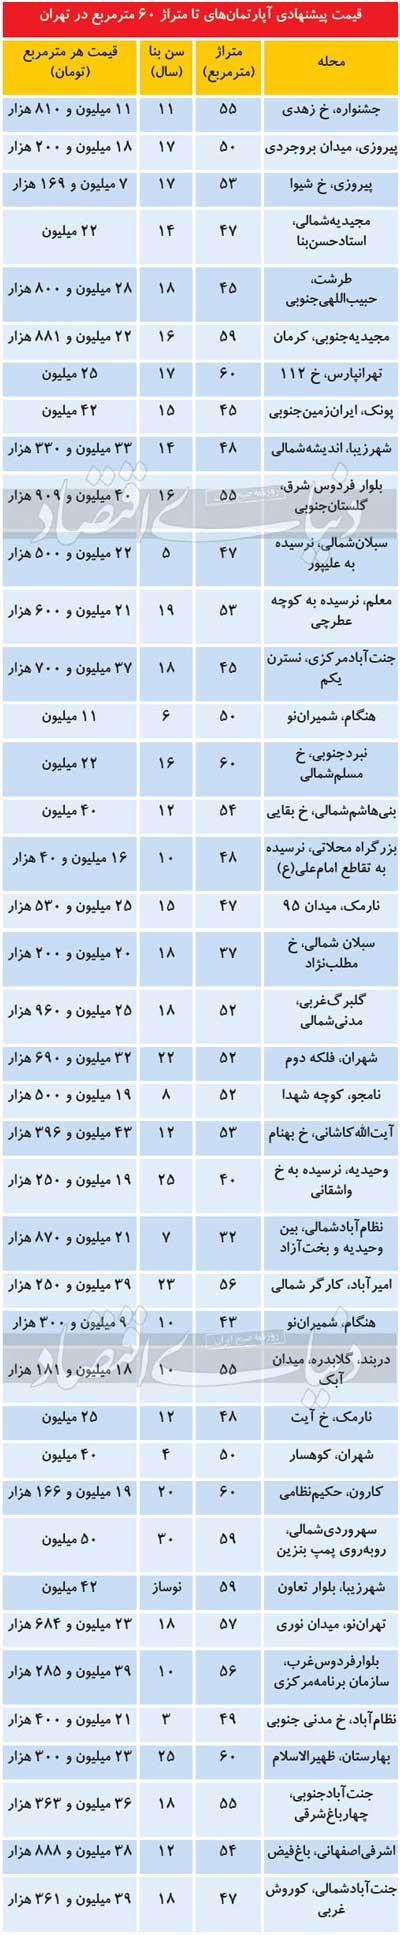 وضعیت بازار قیمتیِ آپارتمانهای نقلی در تهران